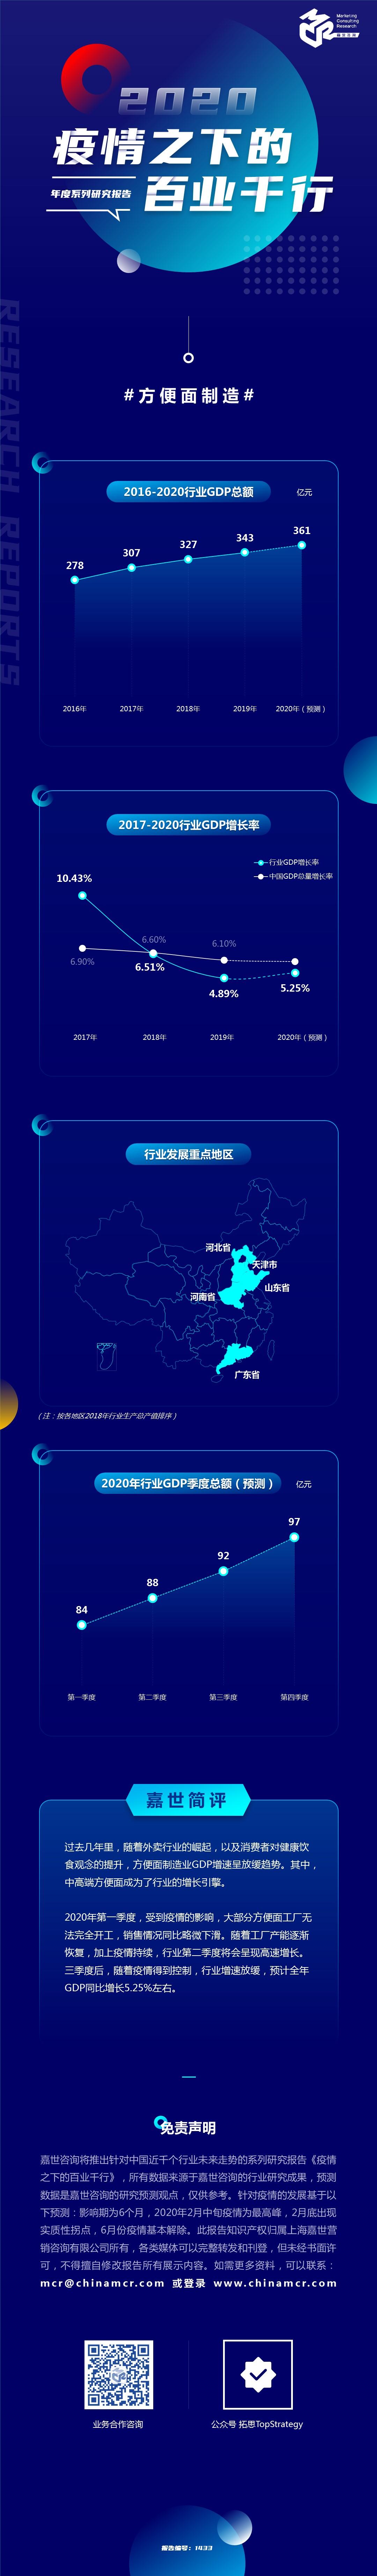 1433-方便面制造-20200214.jpg